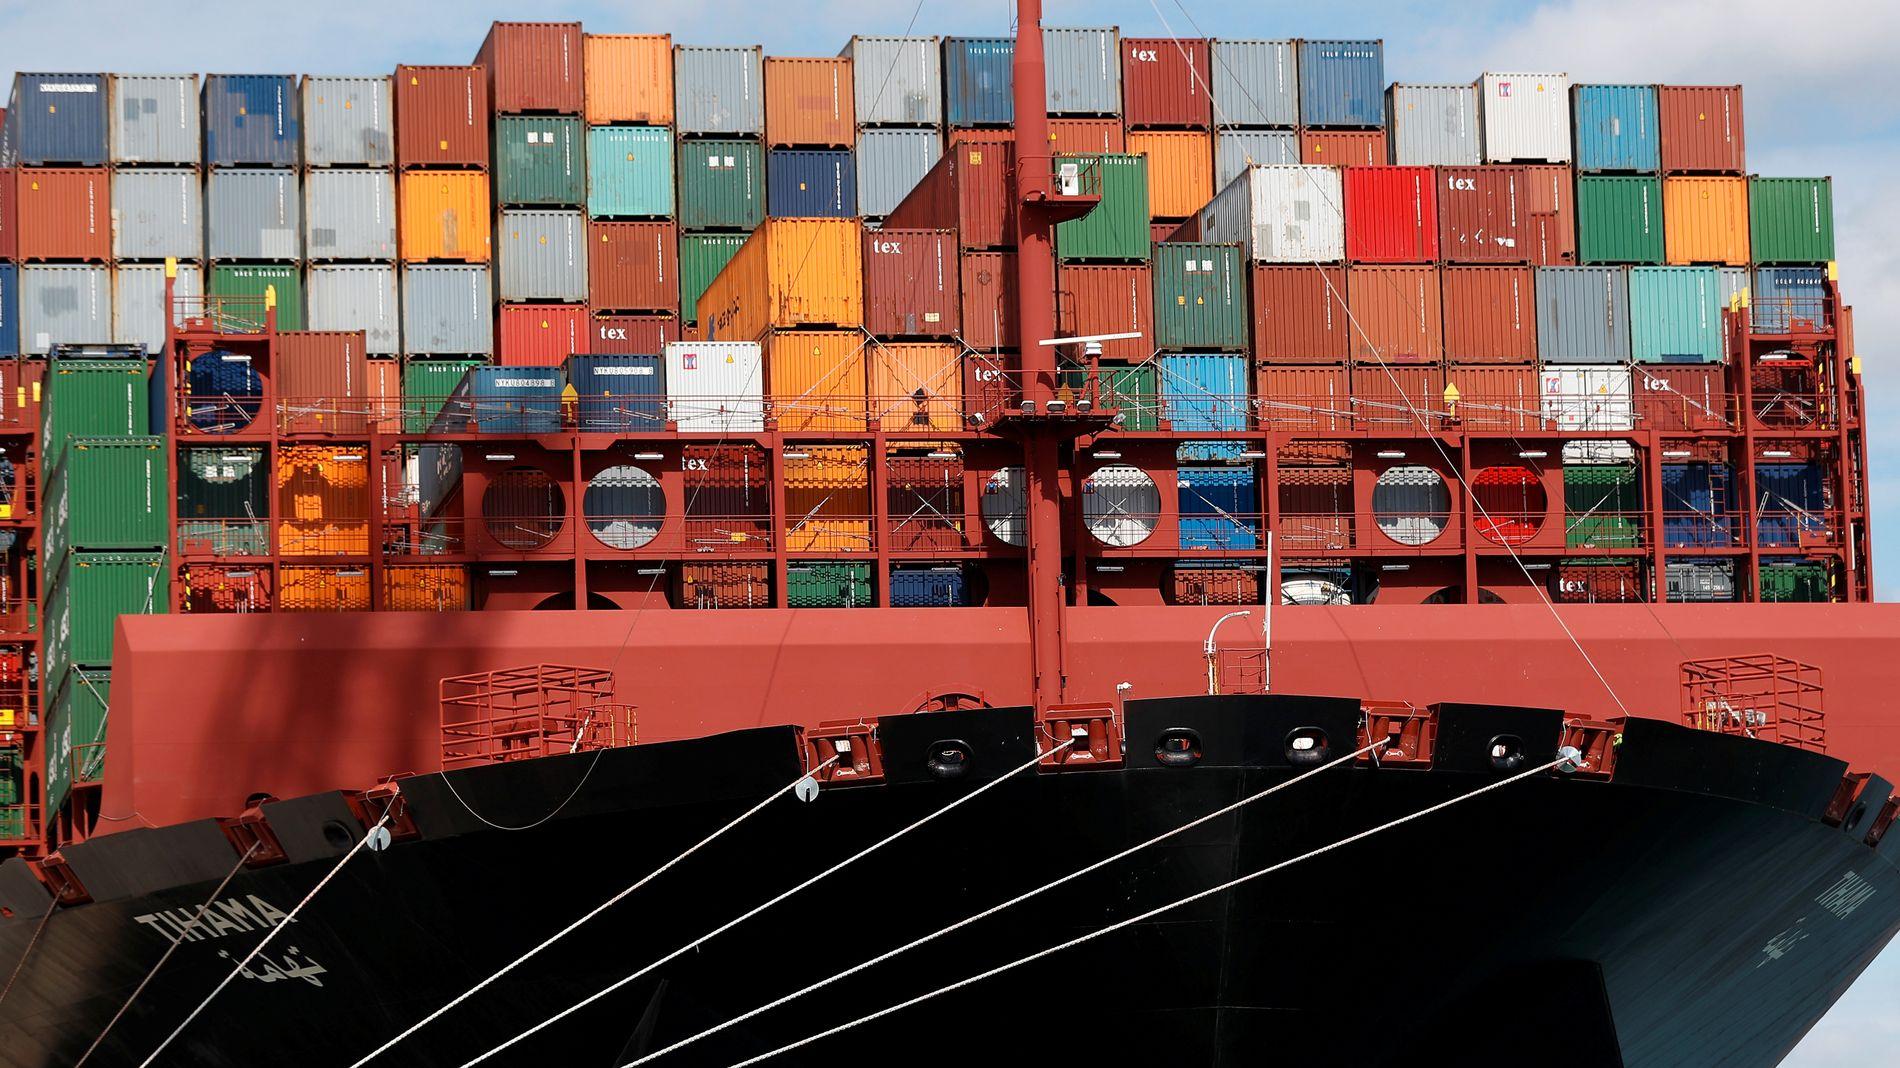 PRISER CONTAINERFRAKT: Xeneta gjør det enklere å finne den billigste prisingen på containerfrakt, og har flere giganter på kundelisten. Illustrasjonsbilde.